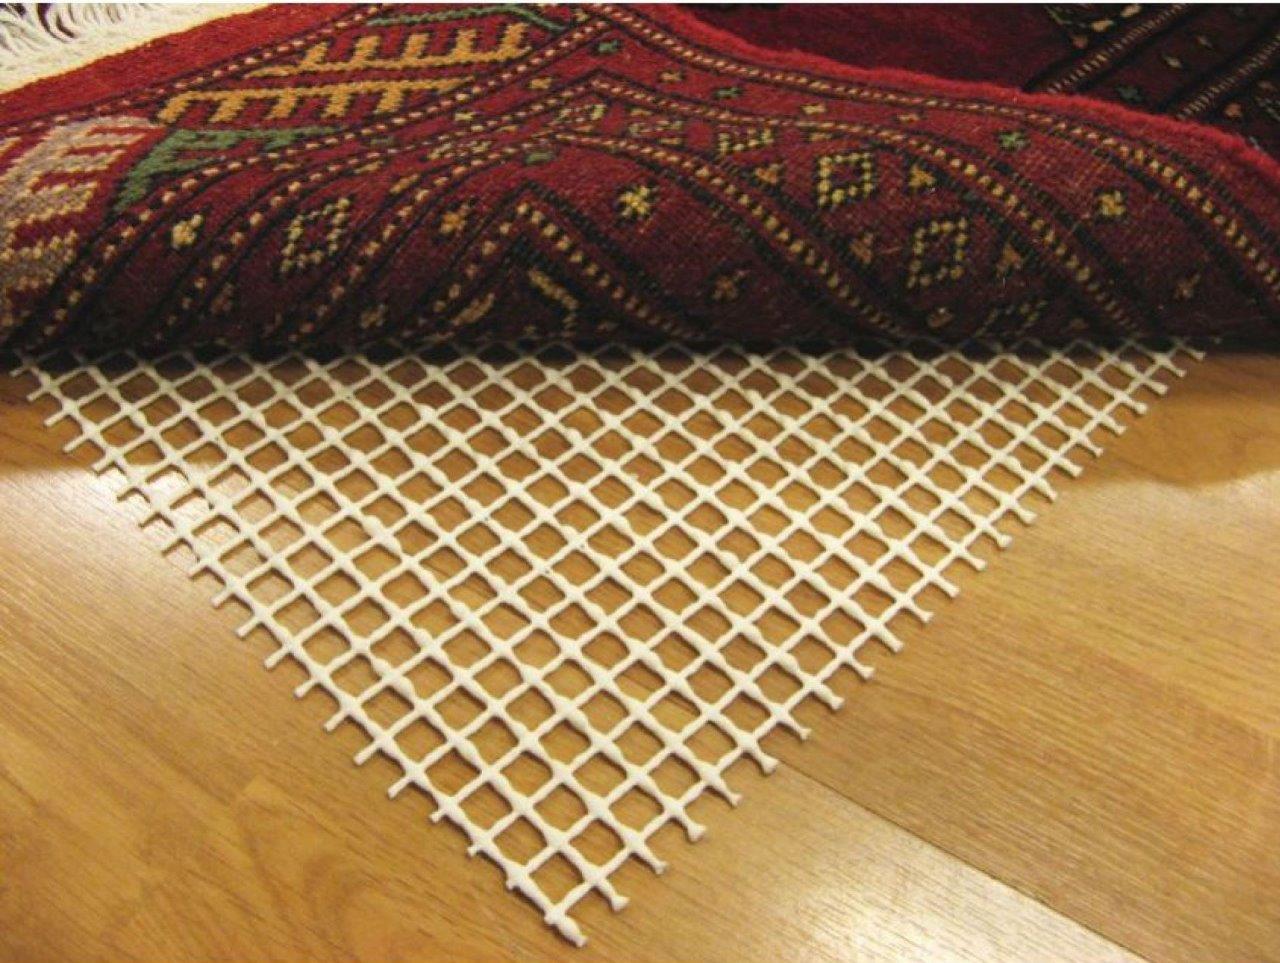 Jak zabezpieczyć dywan przed ślizganiem?